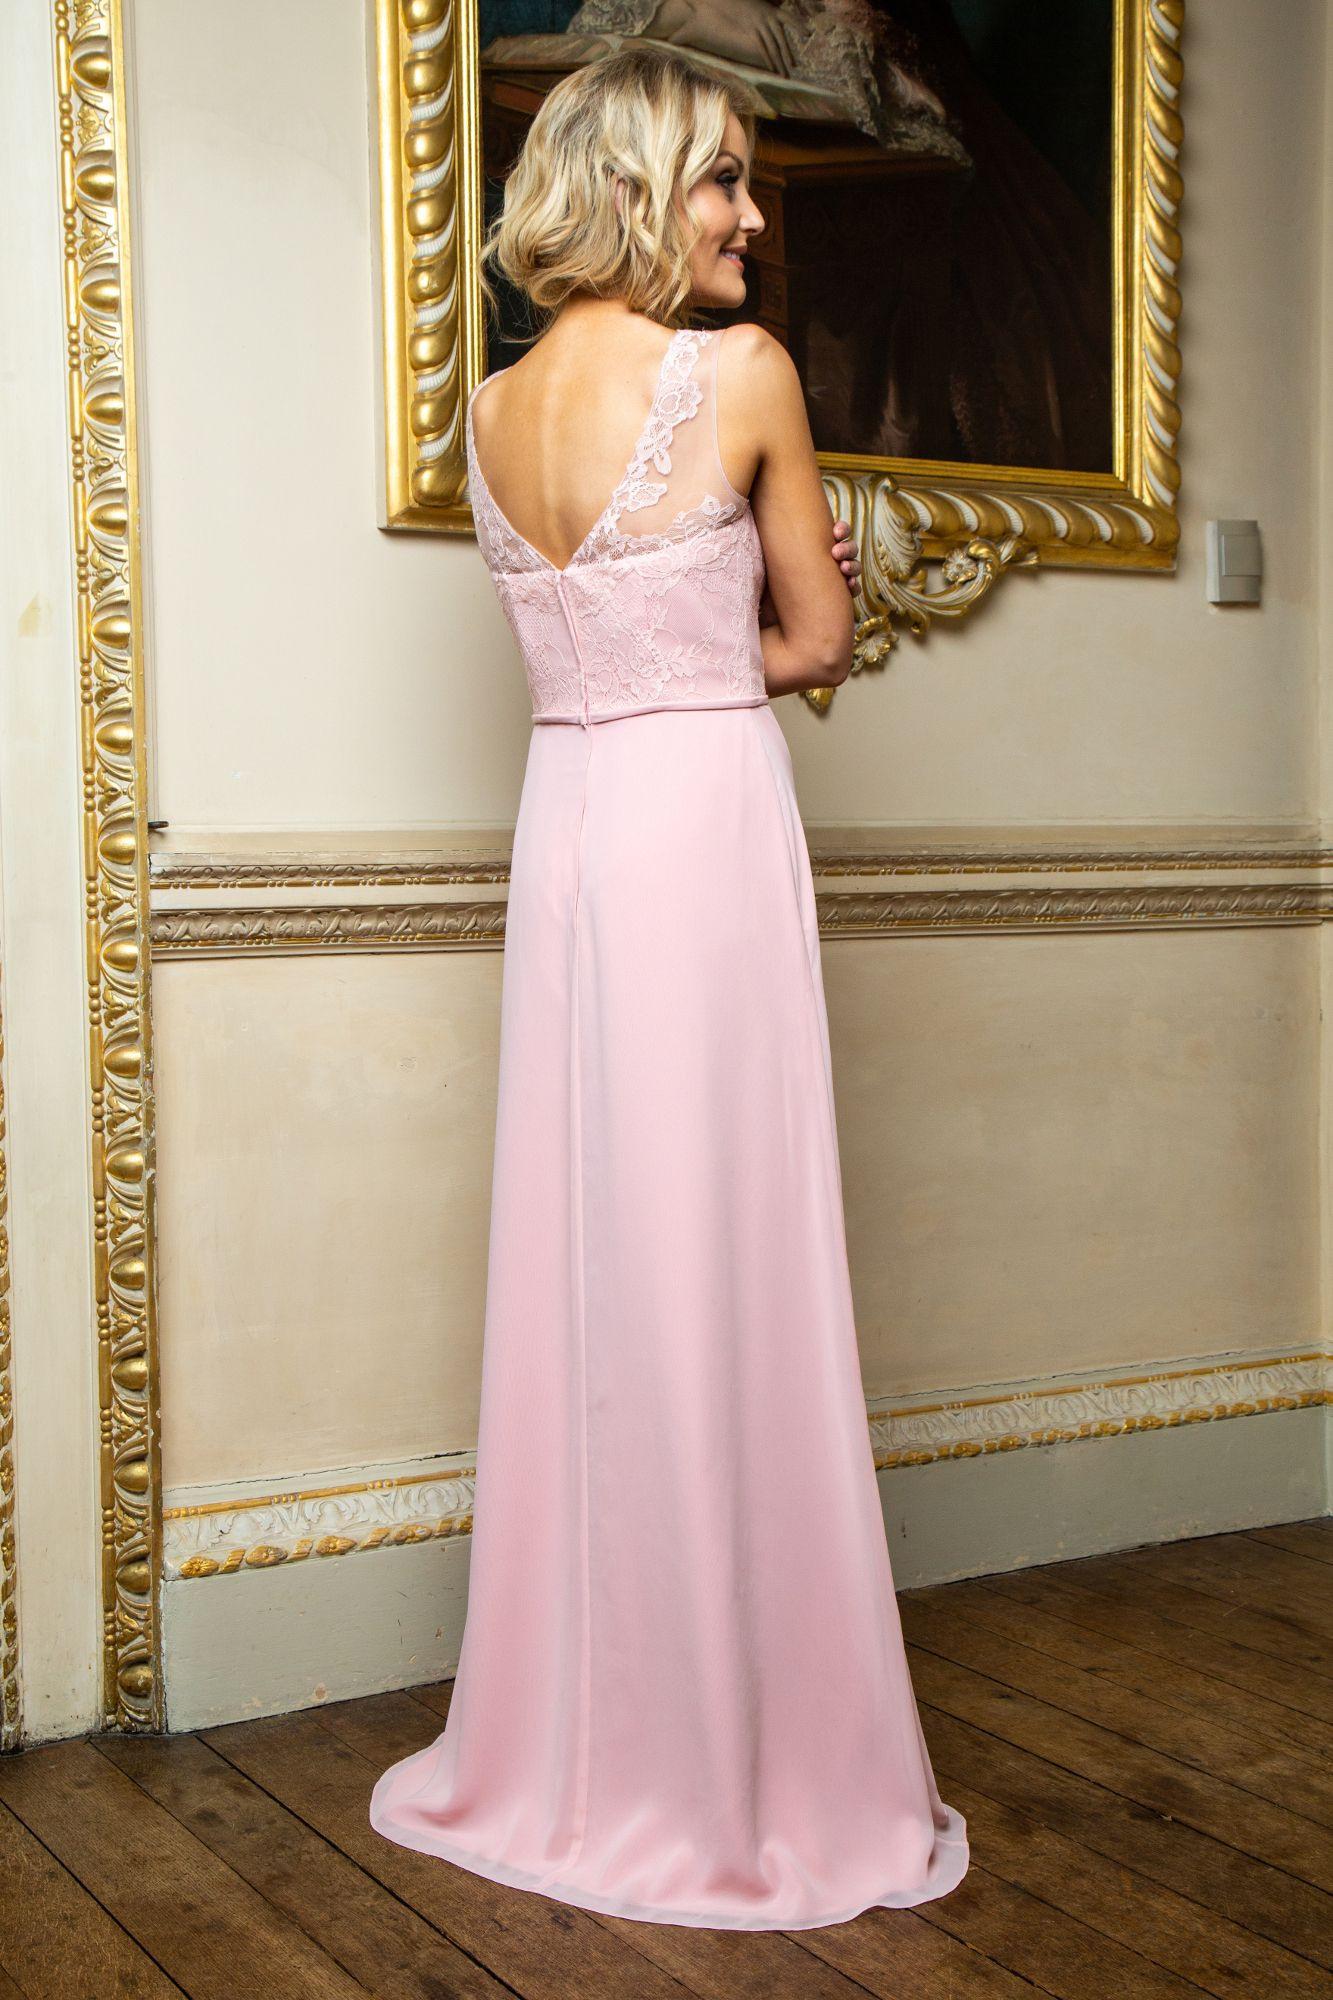 Top Abendkleider Nrw Design20 Top Abendkleider Nrw Design